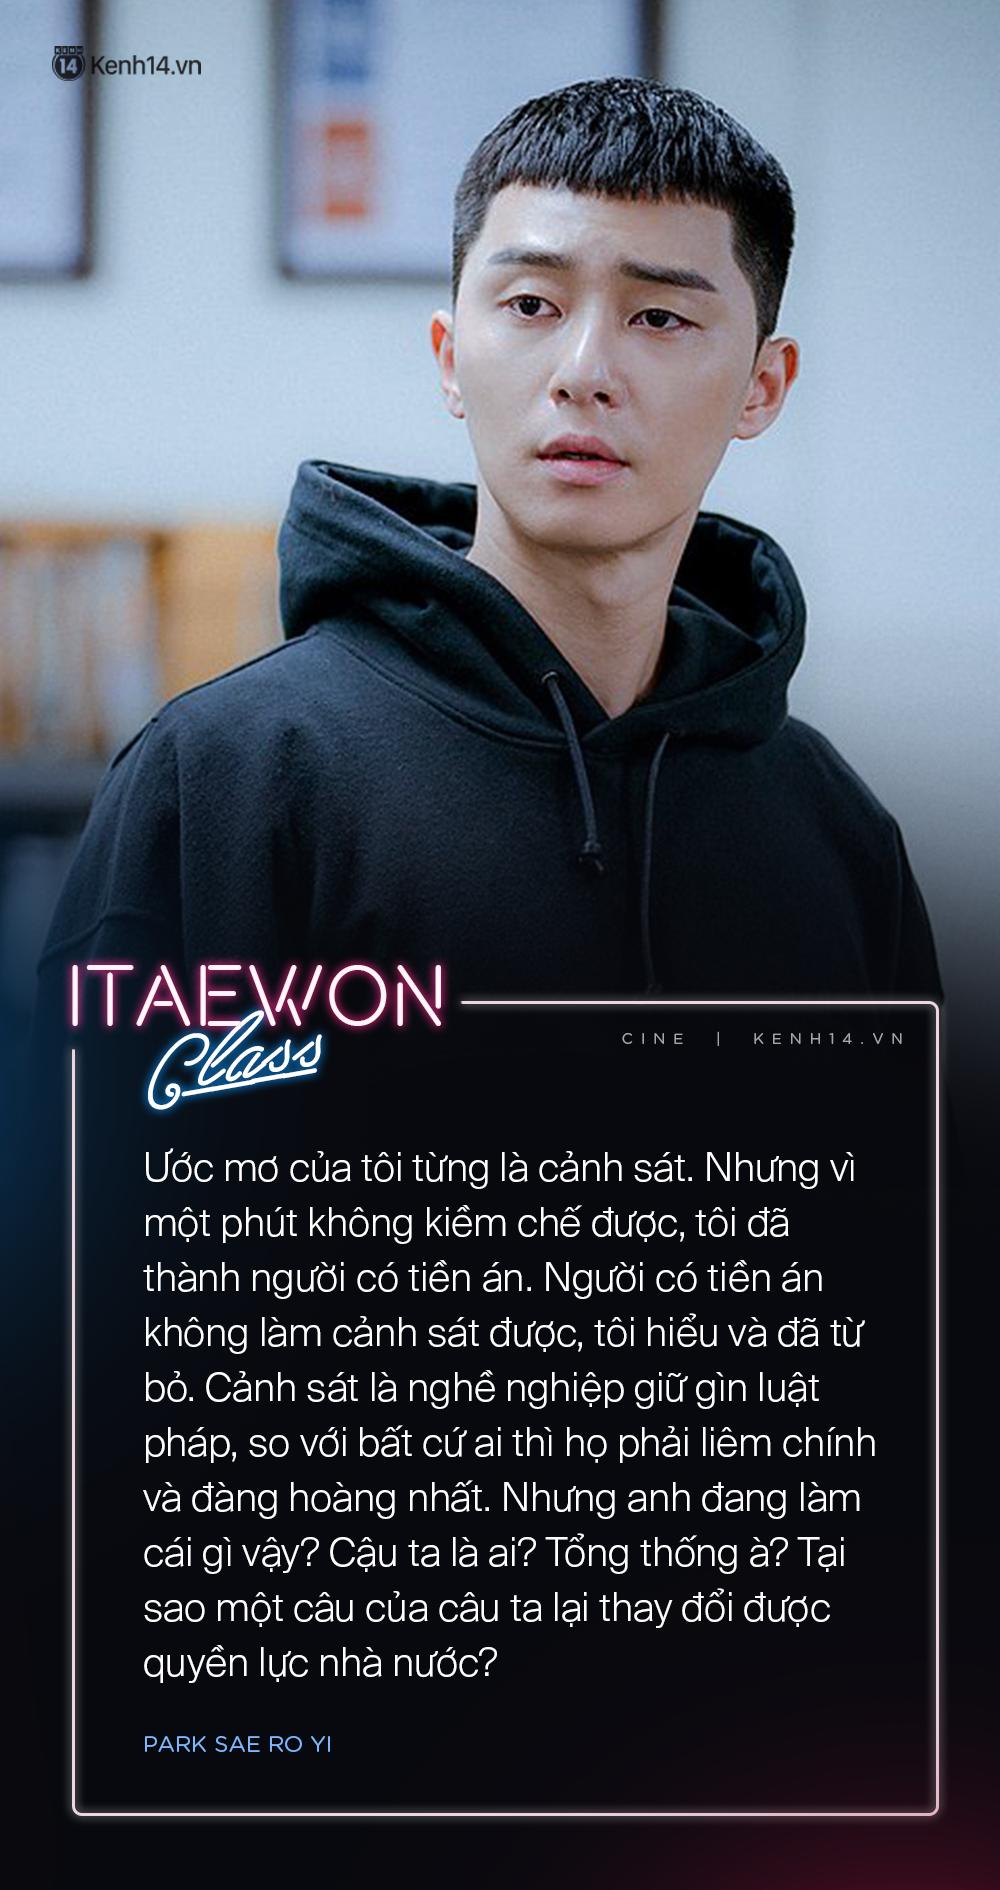 Ám ảnh với 10 câu thoại phản ánh xã hội bất công ở Tầng Lớp Itaewon: Mạng của bố tôi… được tính bằng tiền sao? - Ảnh 9.